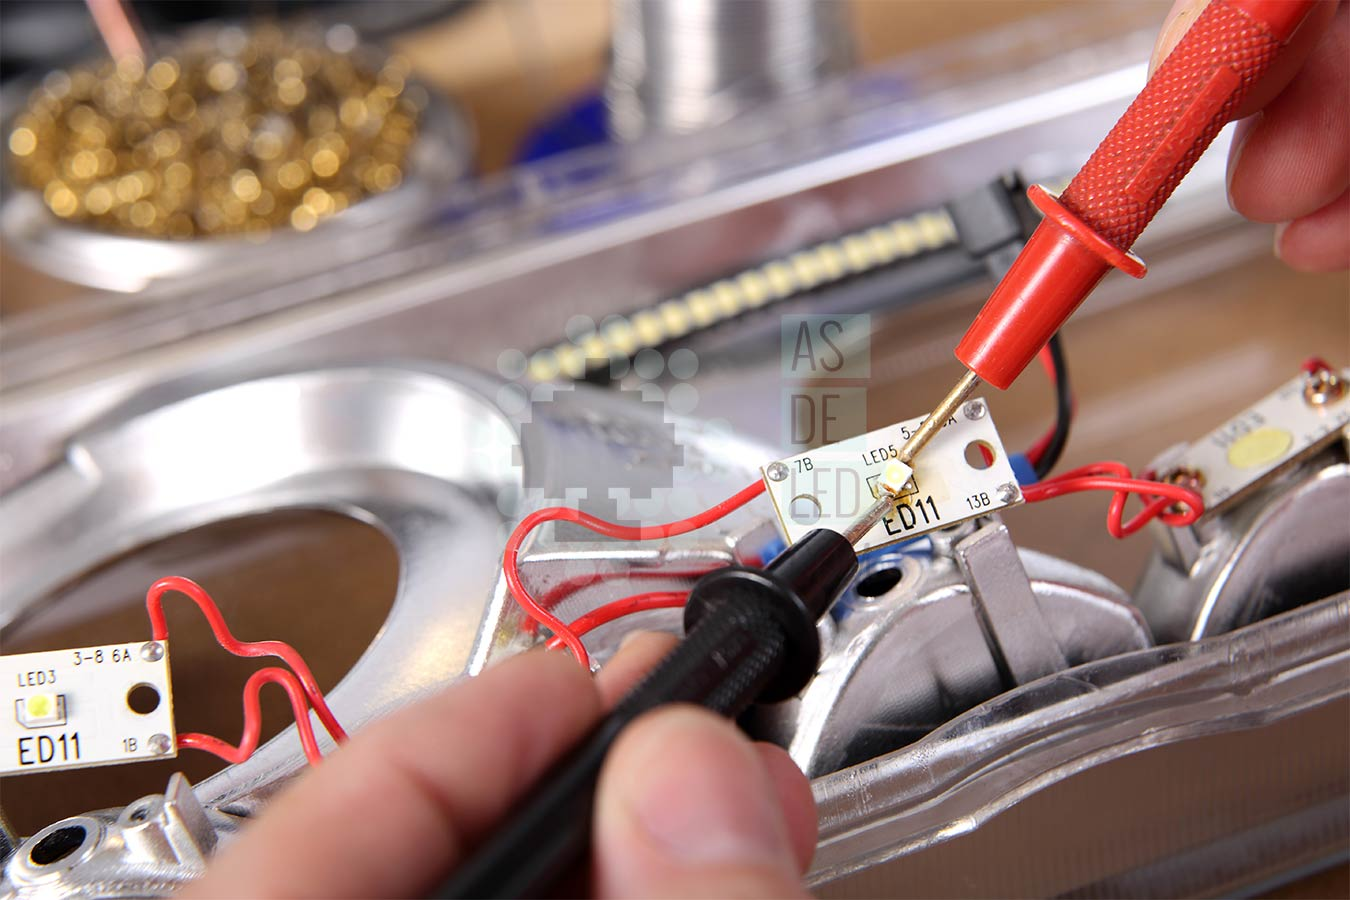 Servicio tecnico de reparacion de productos de iluminacion LED - Banner